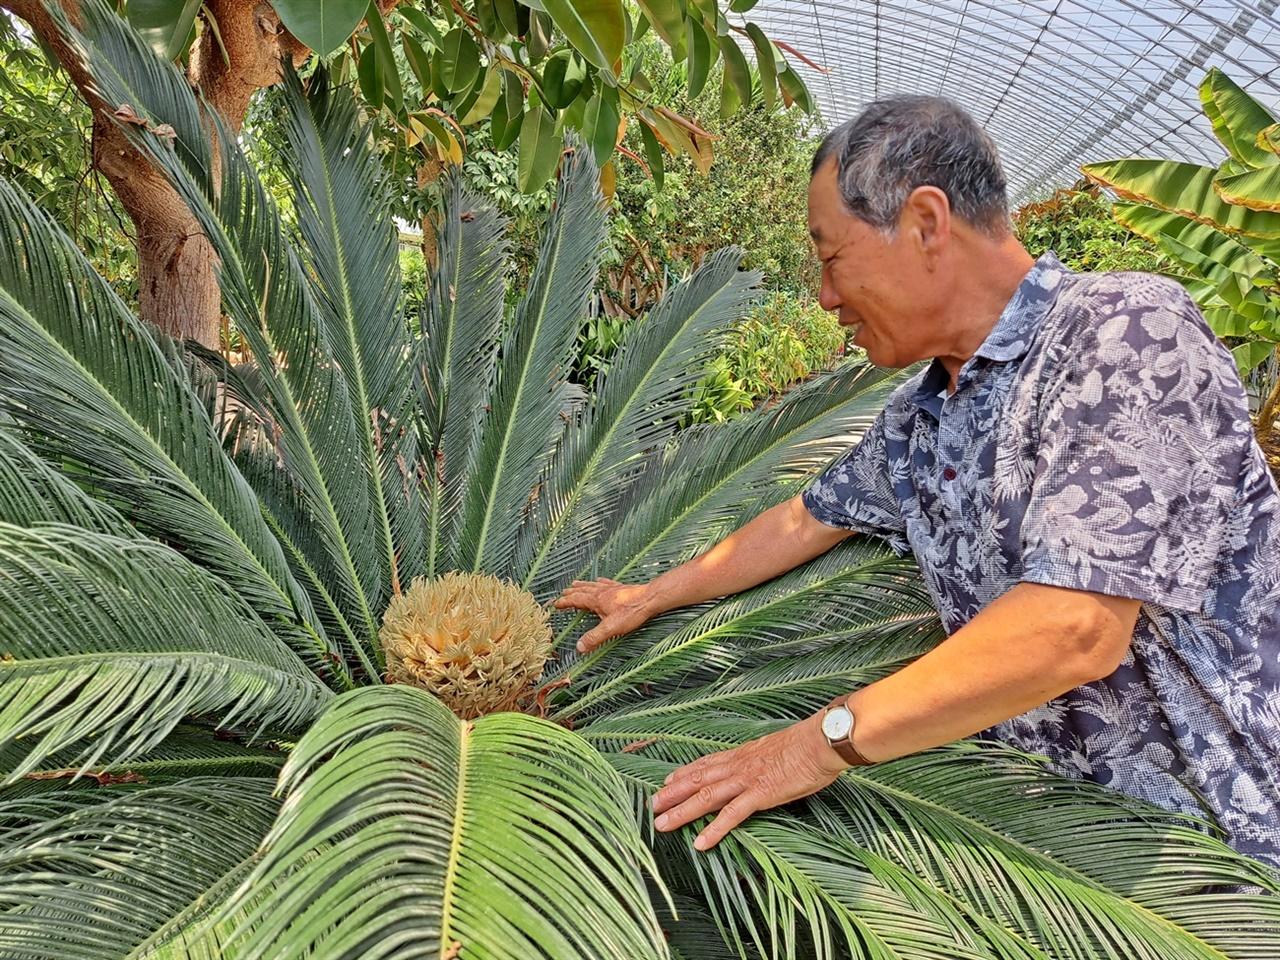 여수시 농업기술센터 아열대과수식물원의 전종민(69)씨는 만개한 소철 암꽃은 자신도 여기서 생전 처음 봤다고 했다.